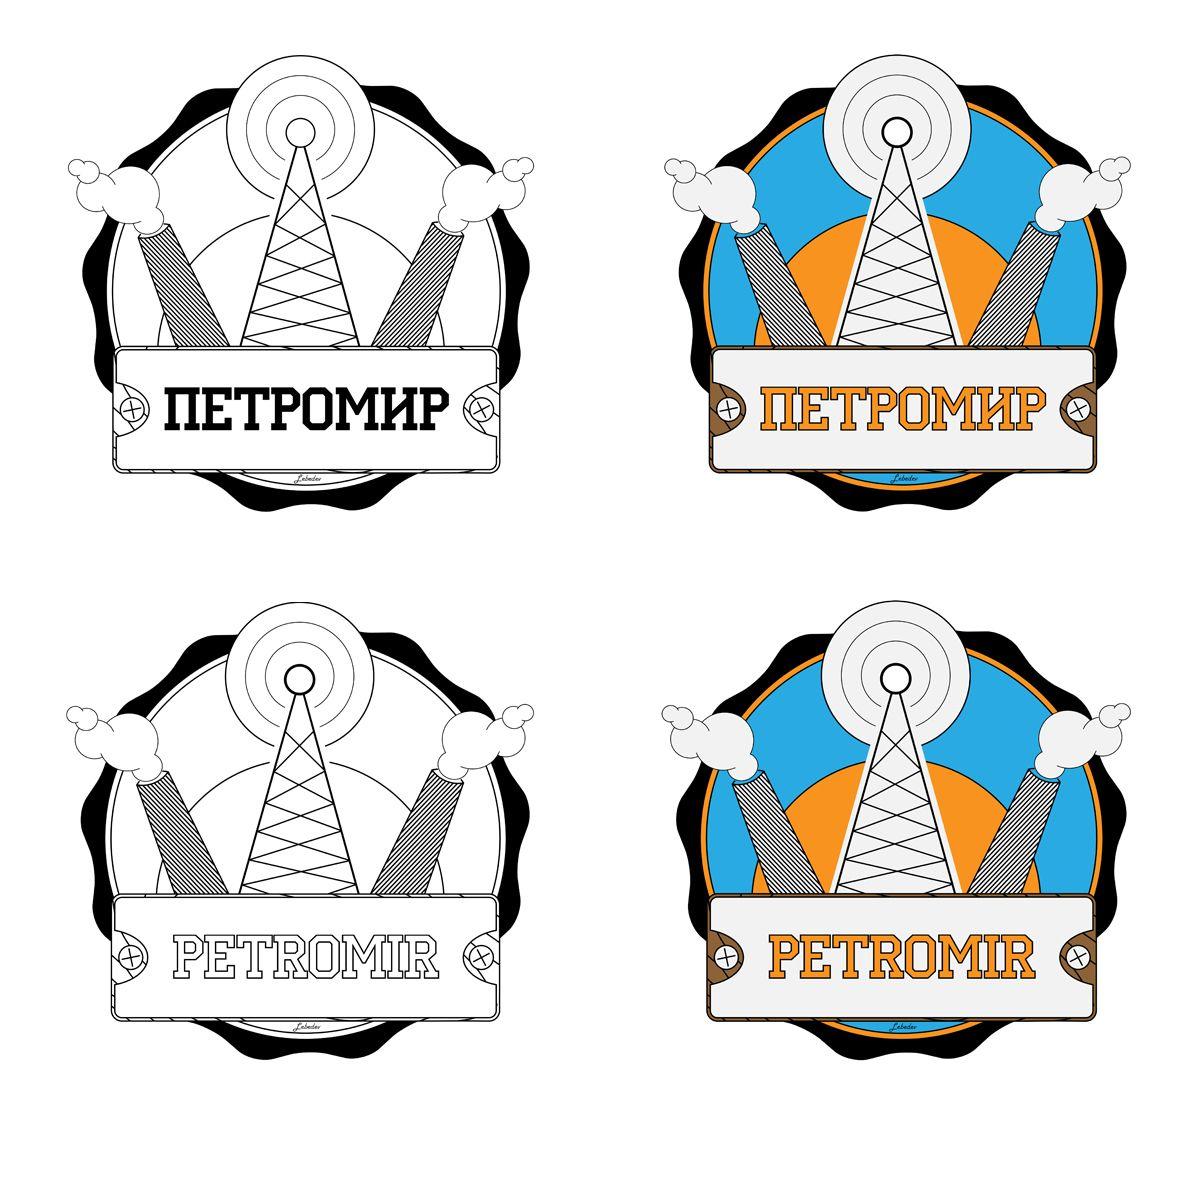 Доработать готовые лого и сделать фир. стиль - дизайнер LebedevvMihail